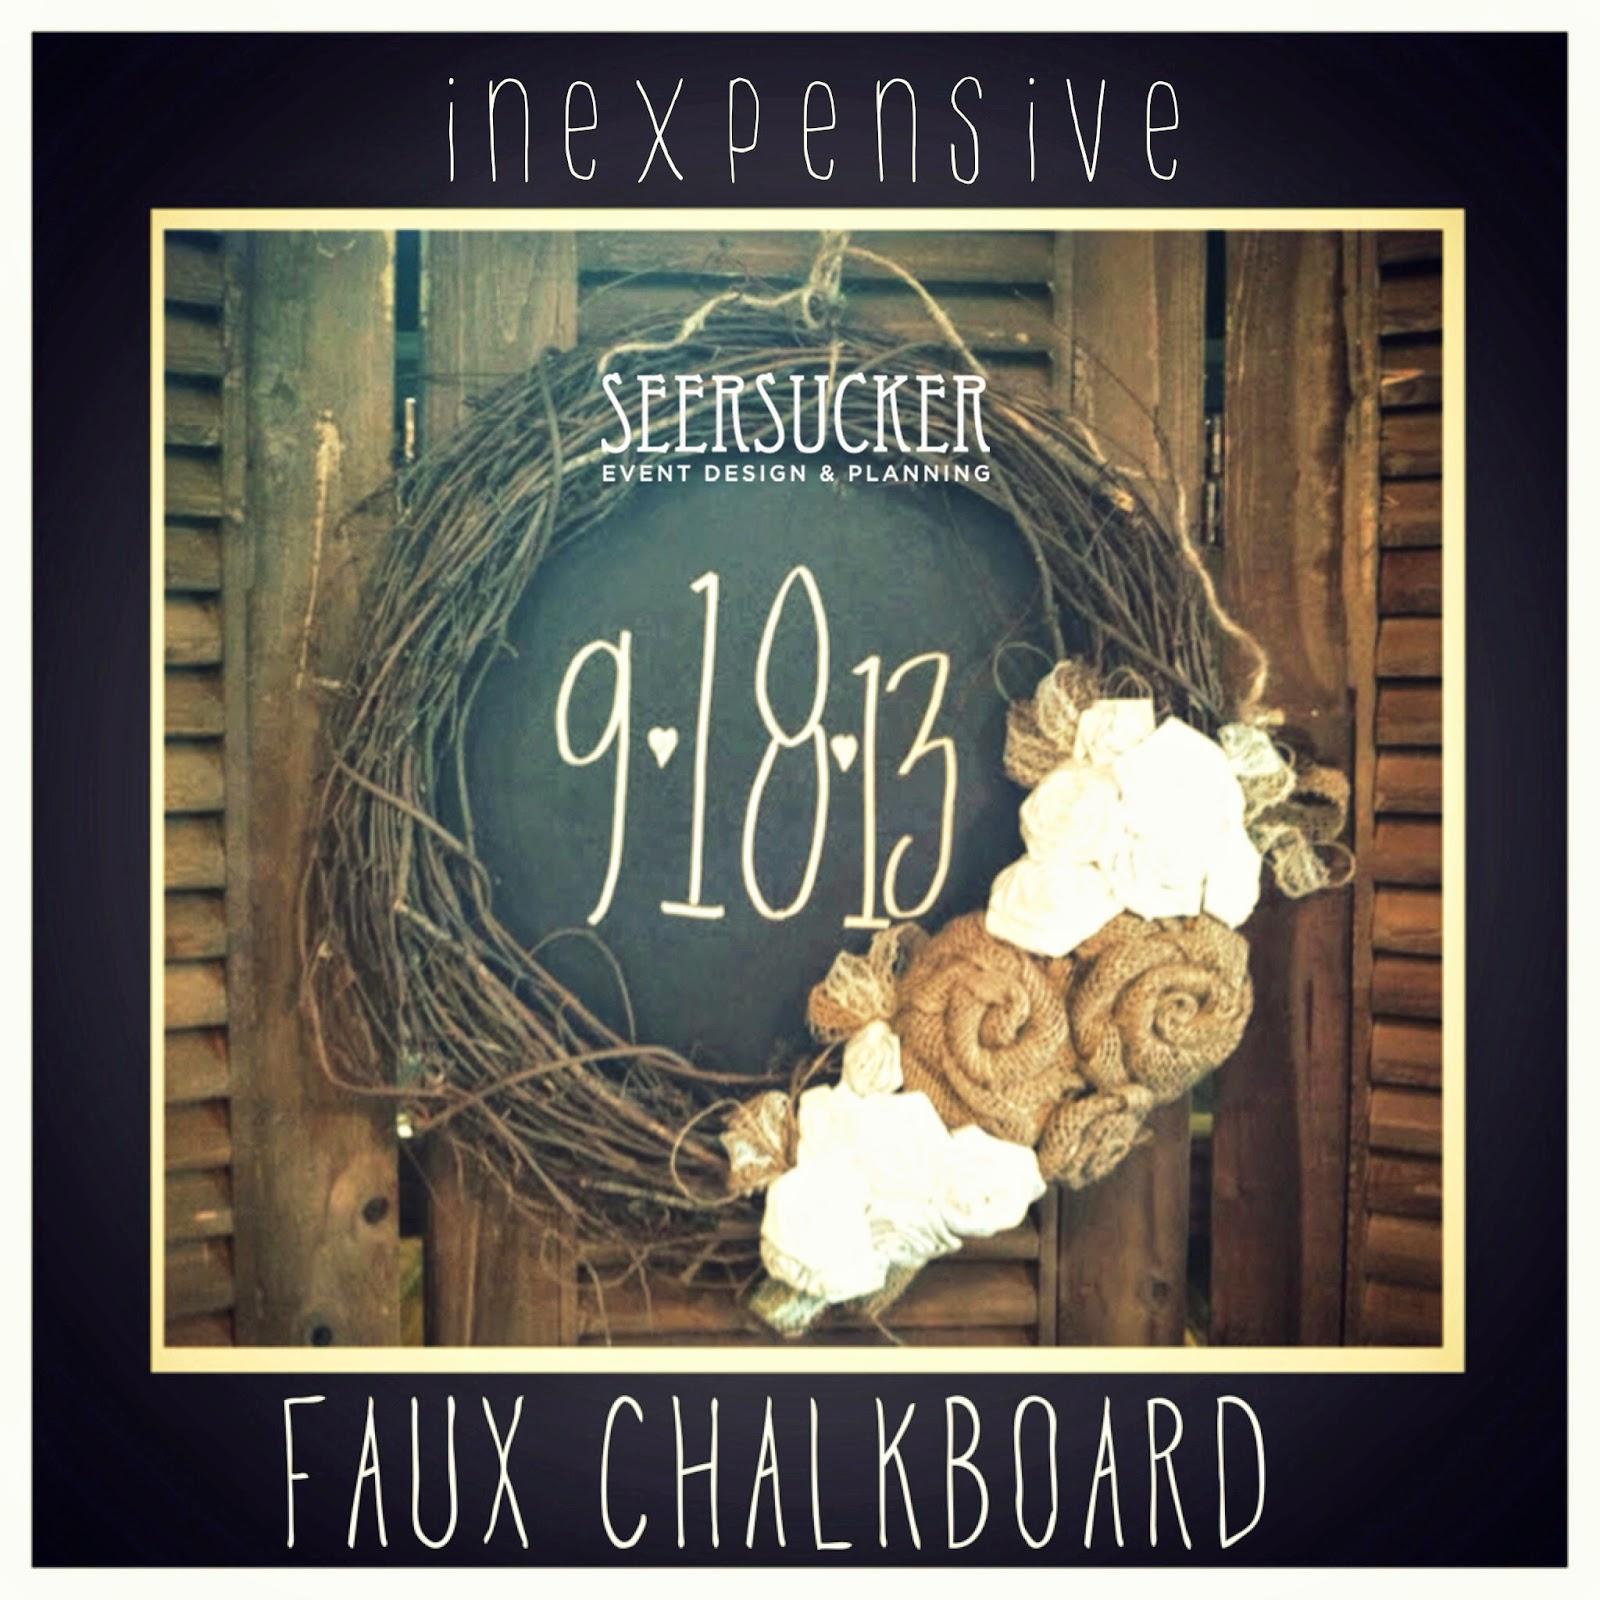 http://www.seersuckerevents.com/2014/05/faux-chalkboard-wreath.html